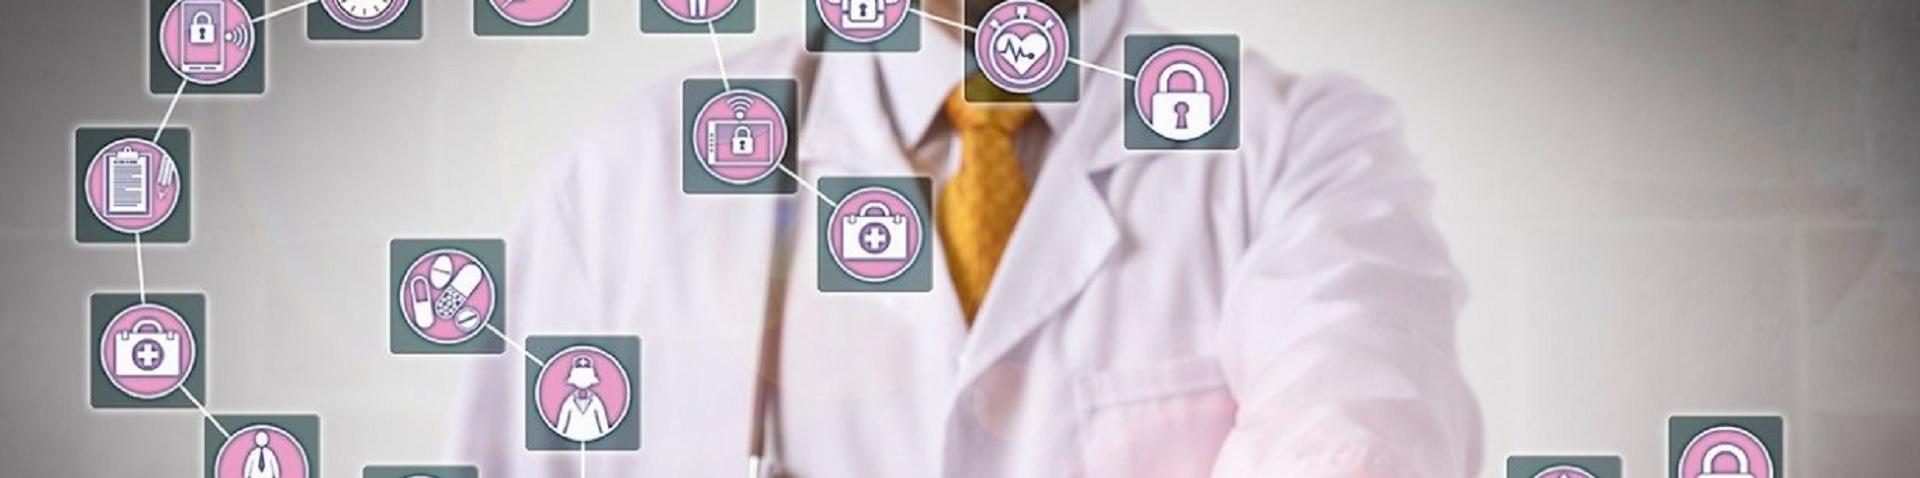 Big Data & Analytics for Pharma Summit